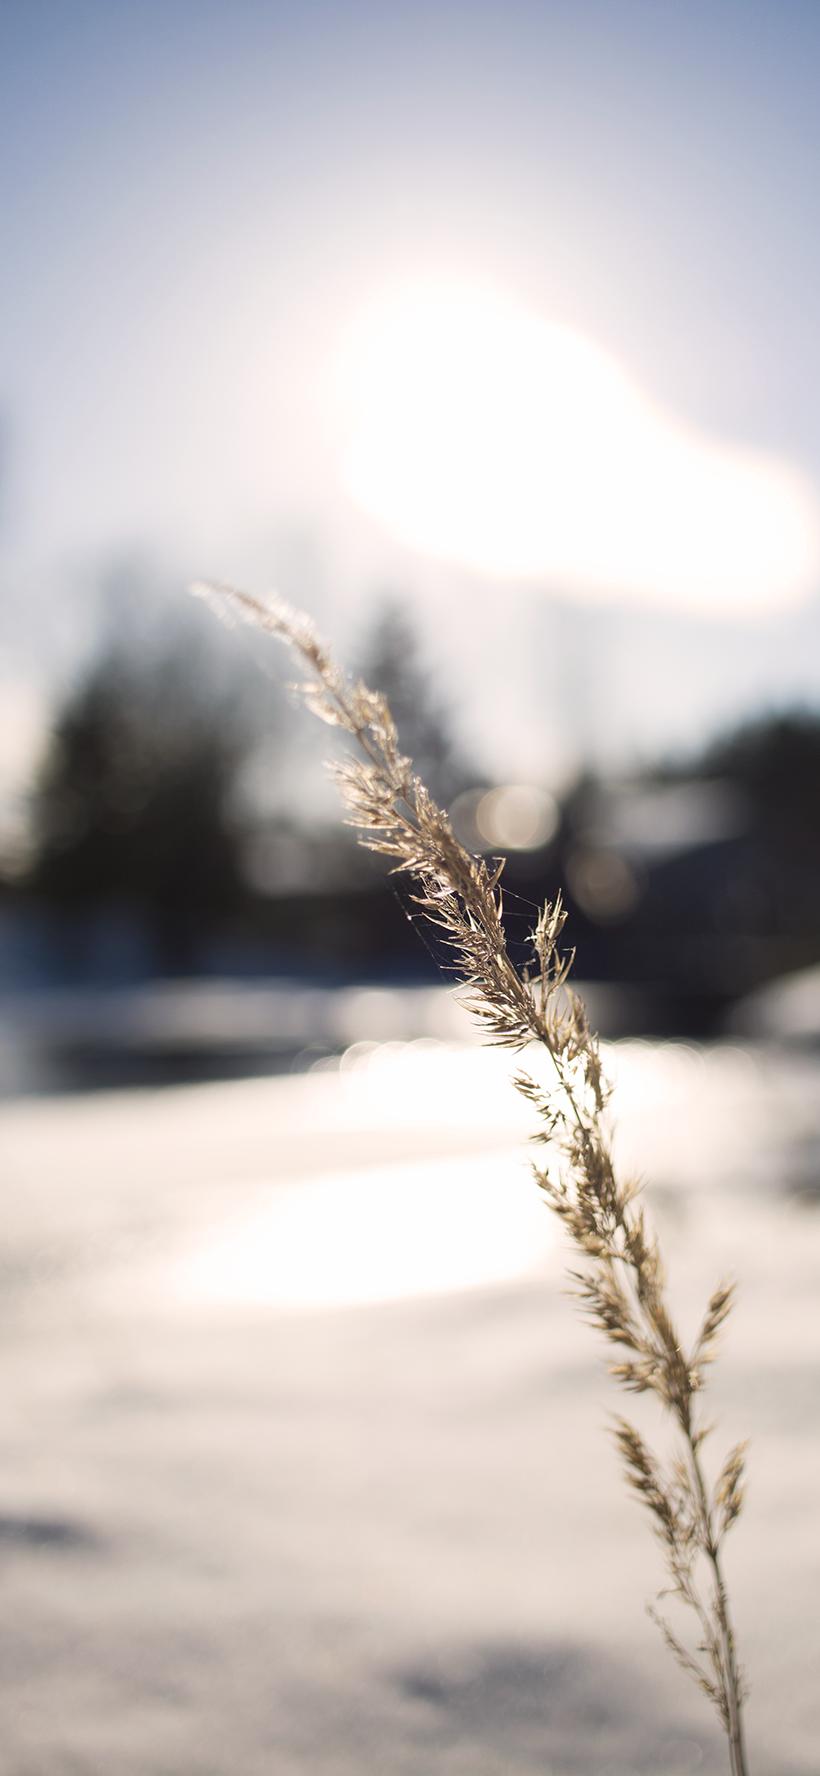 jerE_viinikainen_kevät_luonto_photography2